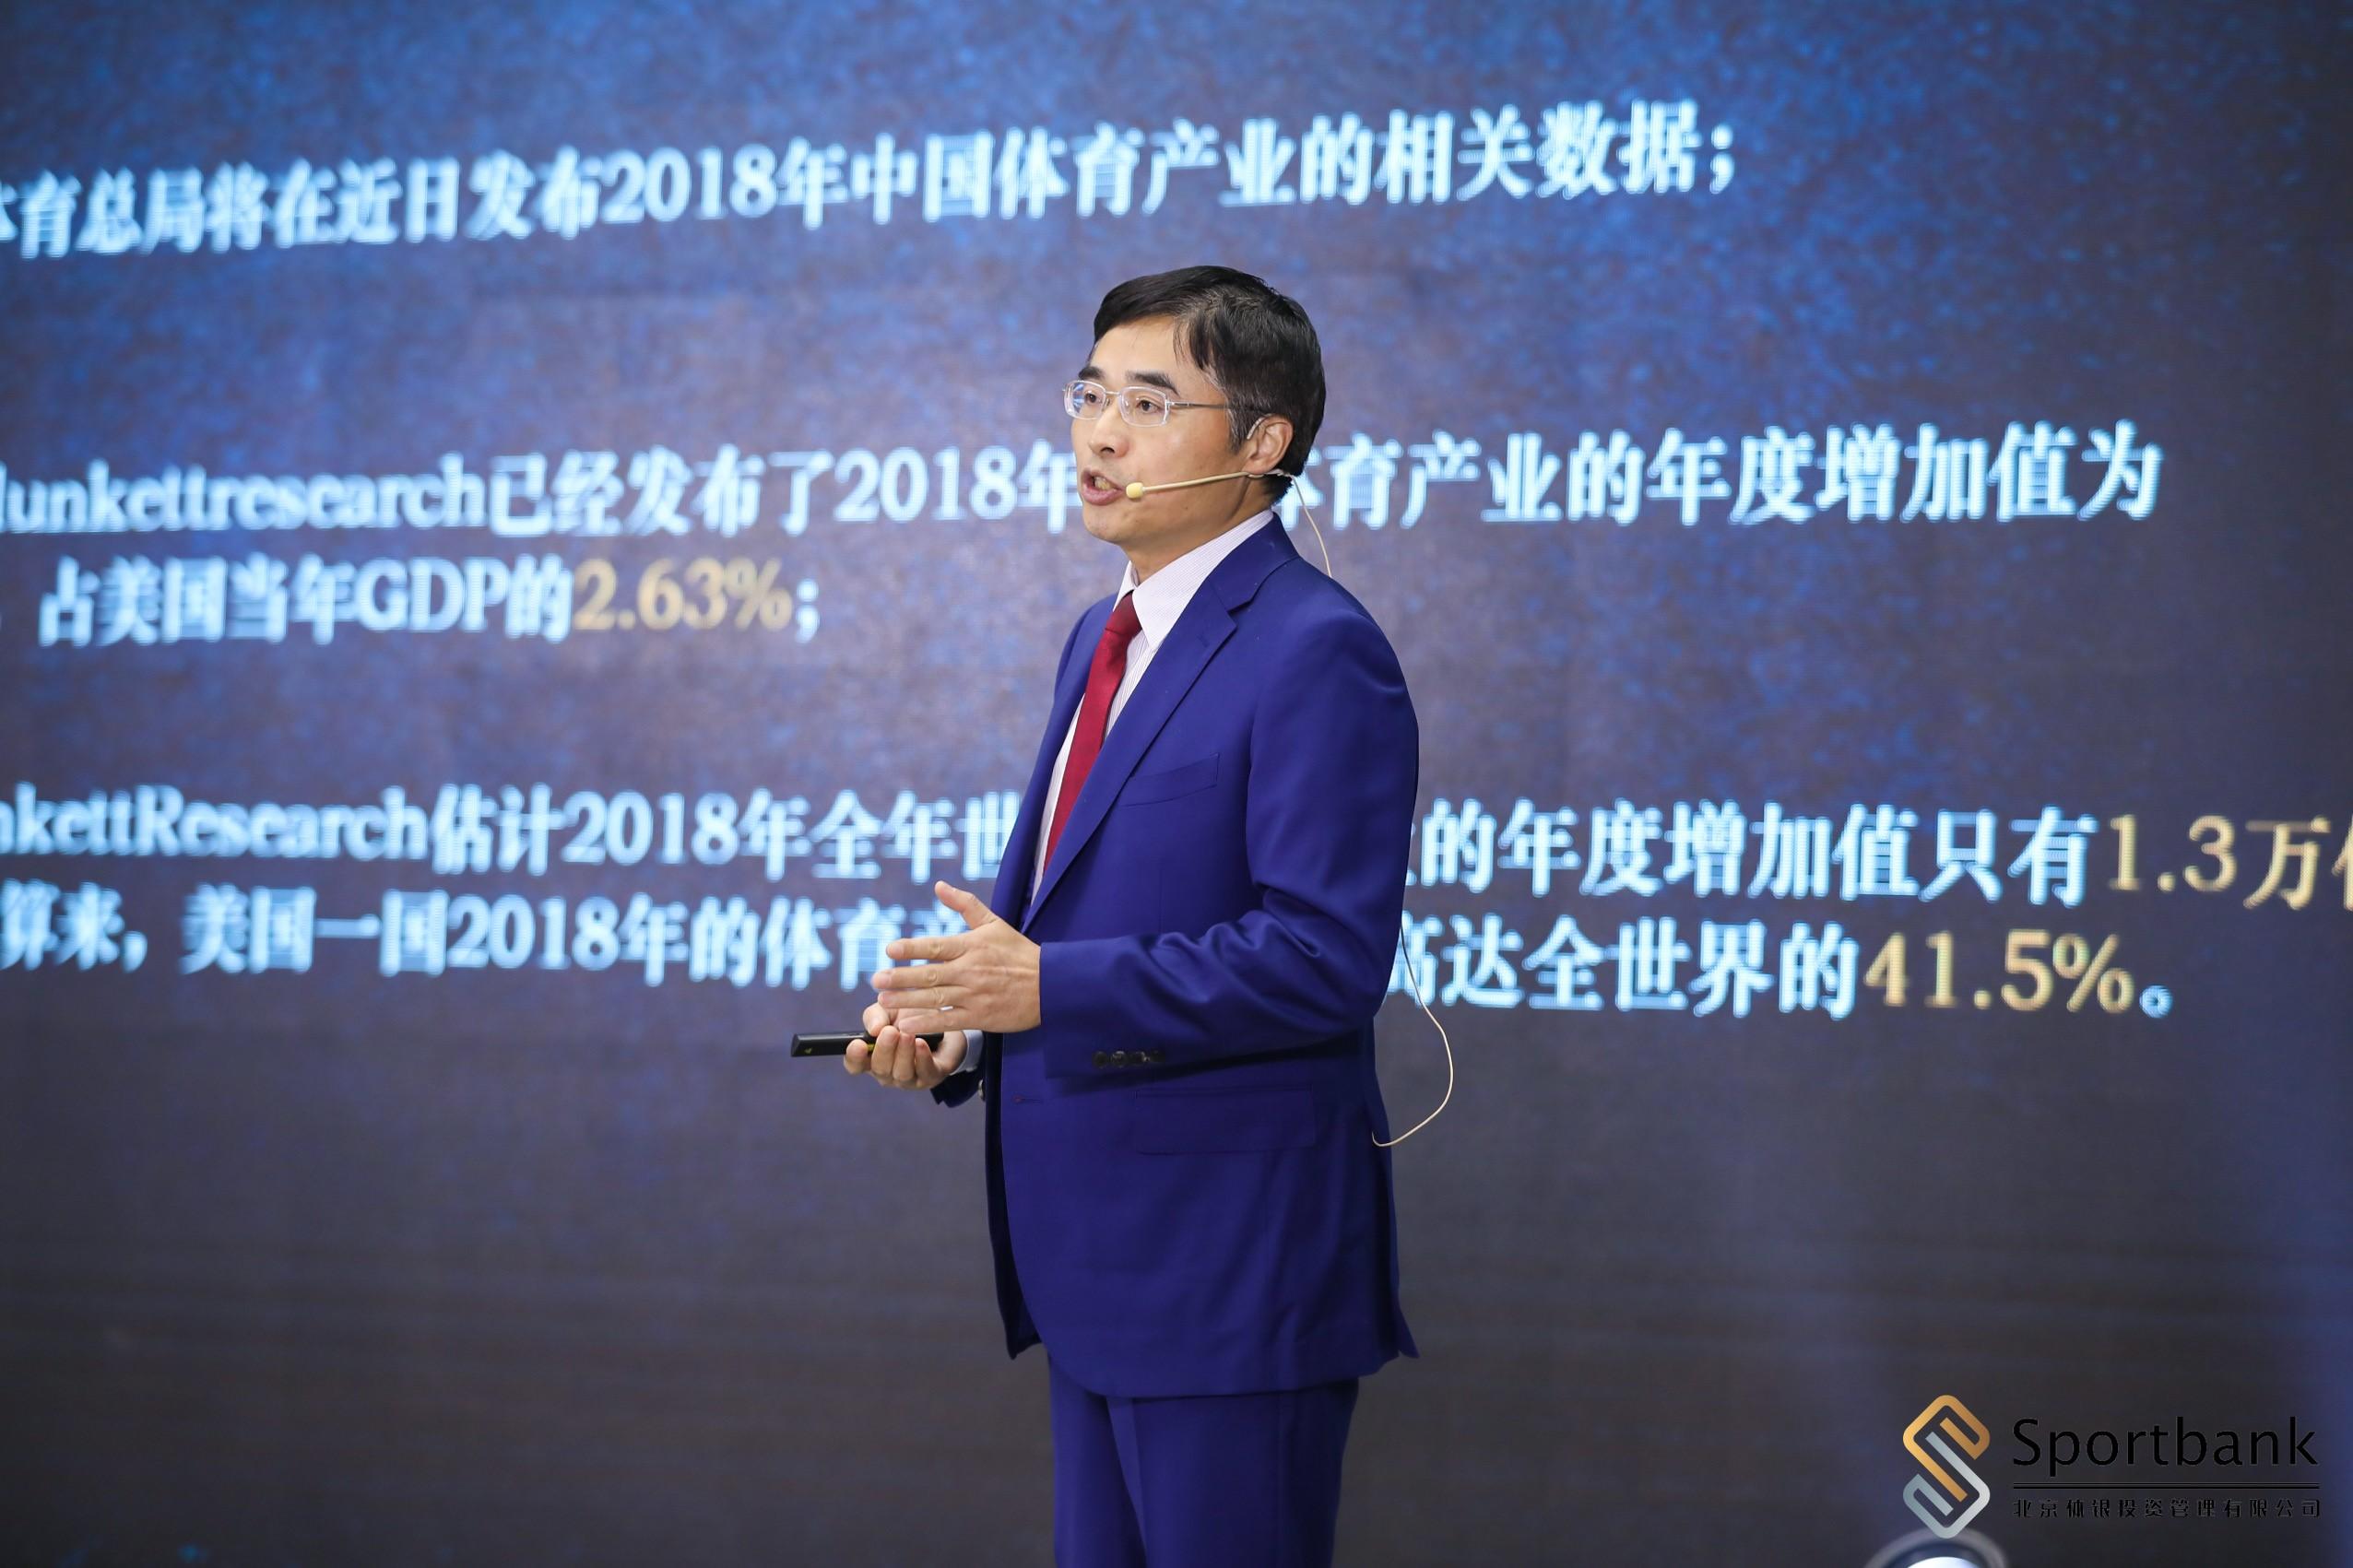 易剑东教授跨年演讲 中国体育产业正处于最好的时代